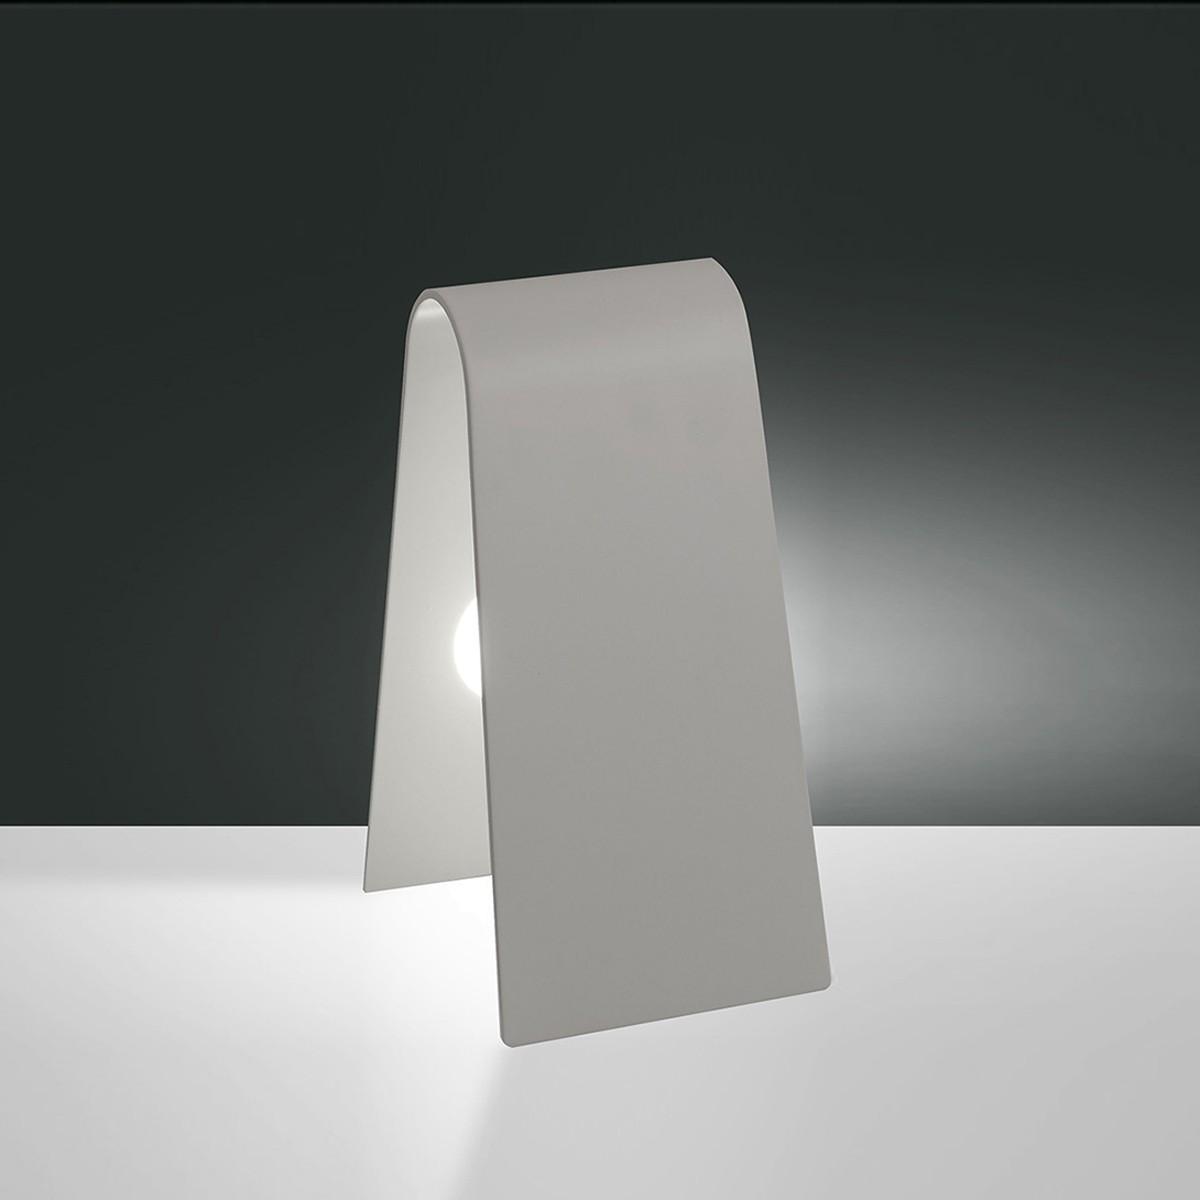 Fabas Luce Bend LED Tischleuchte, weiß